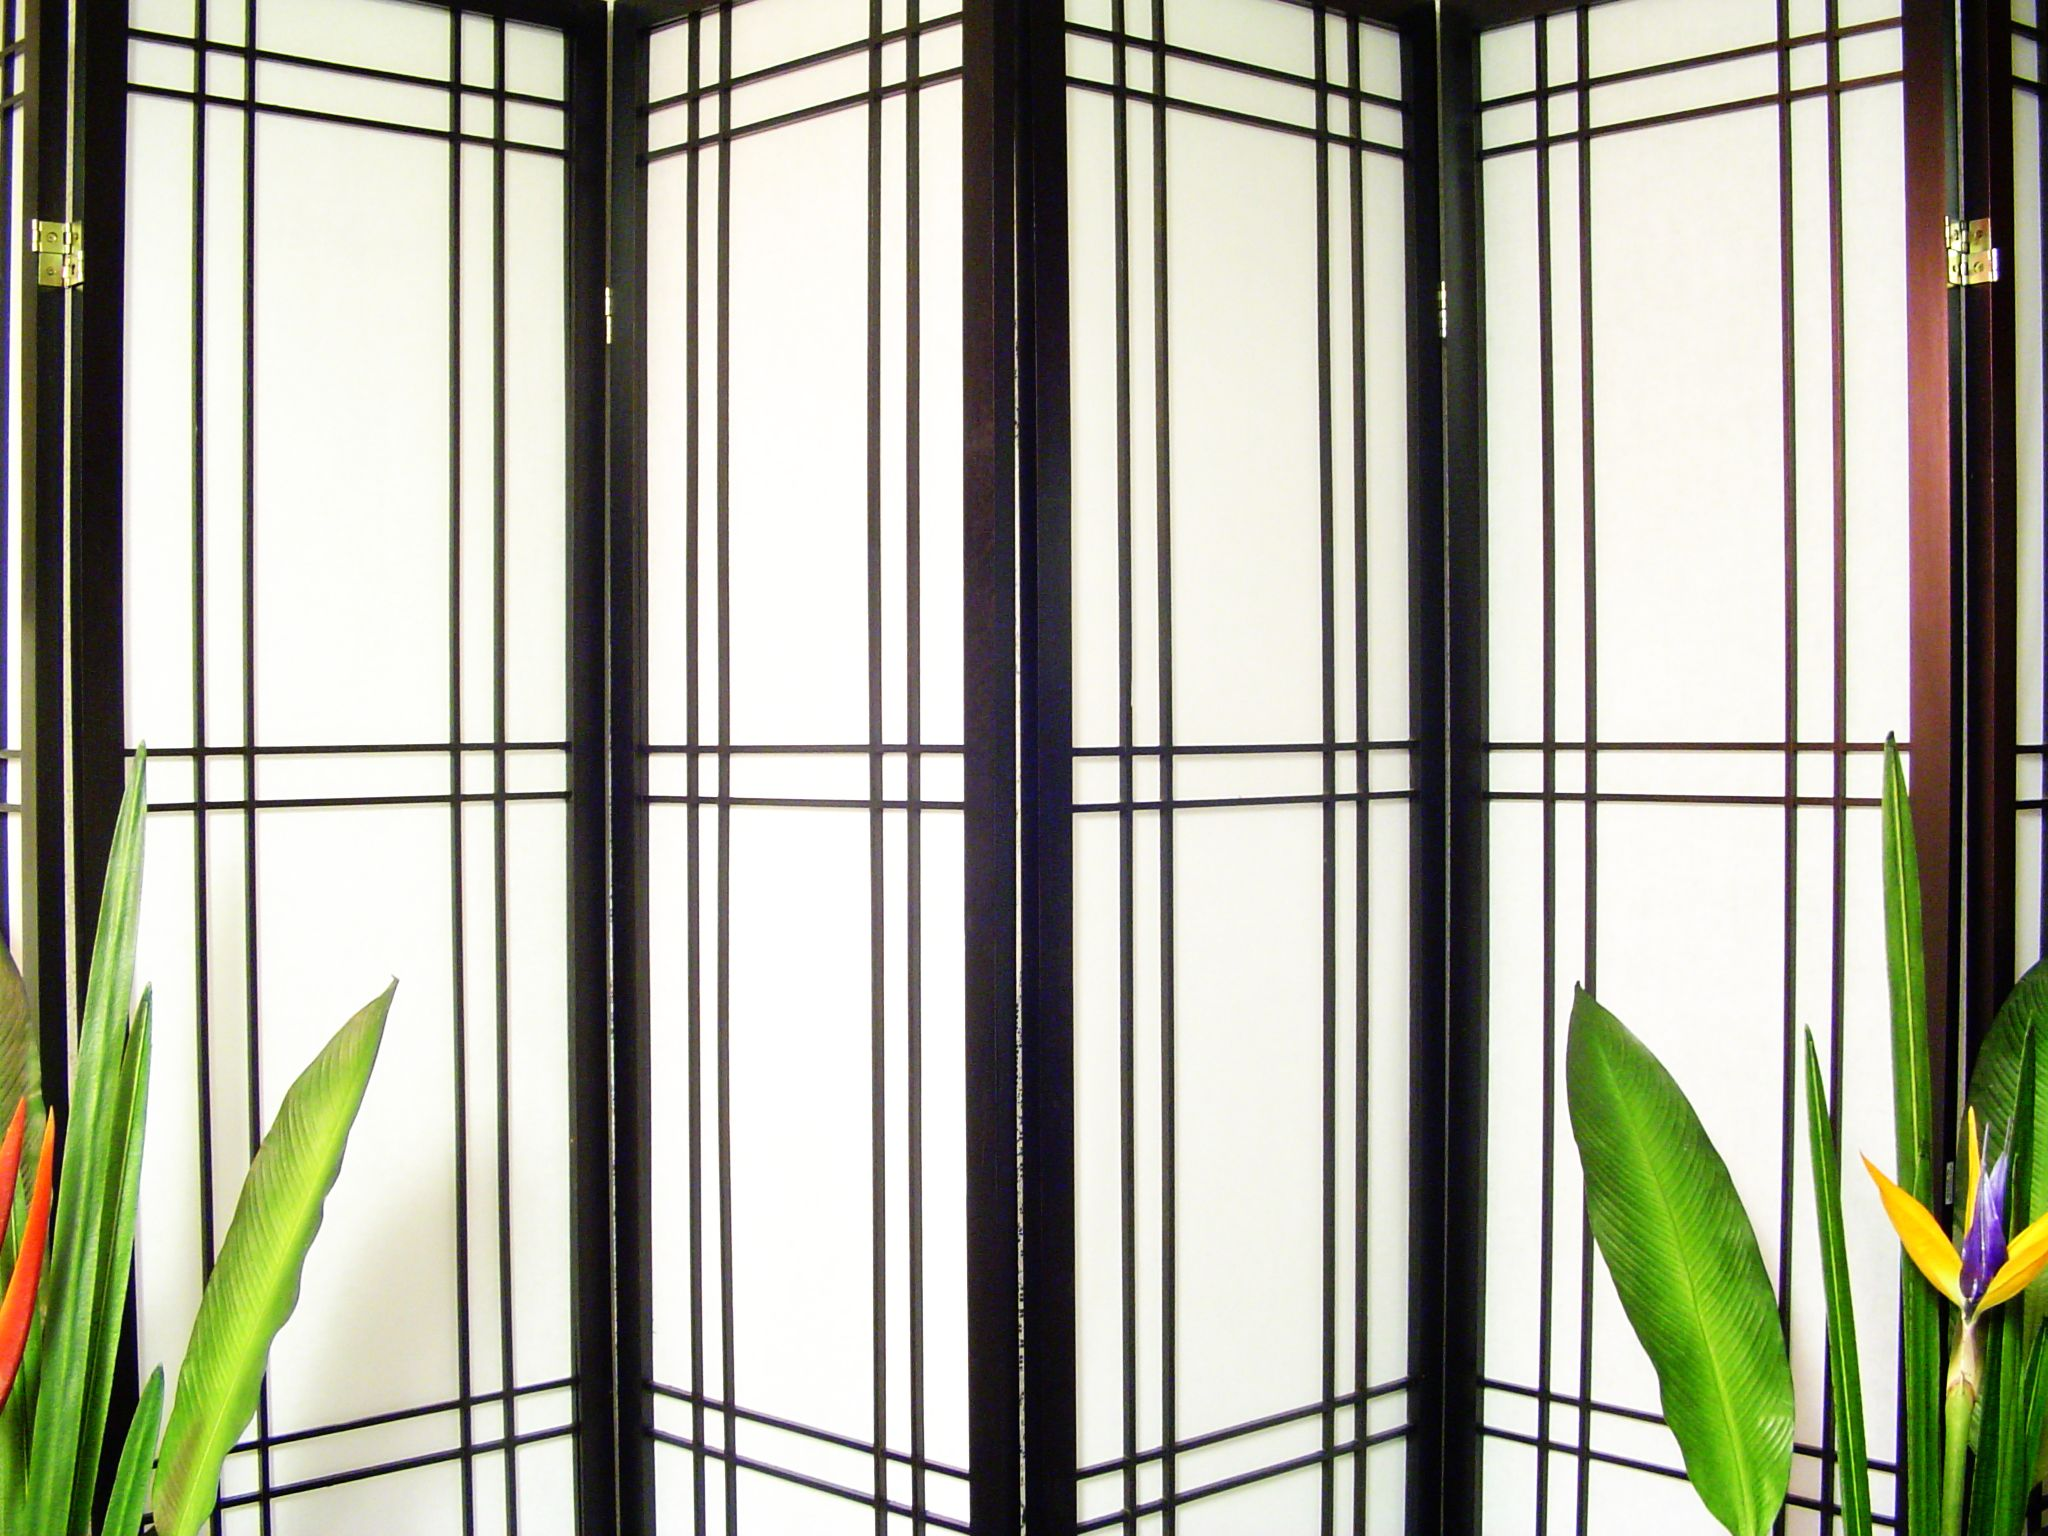 wohnkultur traditionell japanisch. Black Bedroom Furniture Sets. Home Design Ideas